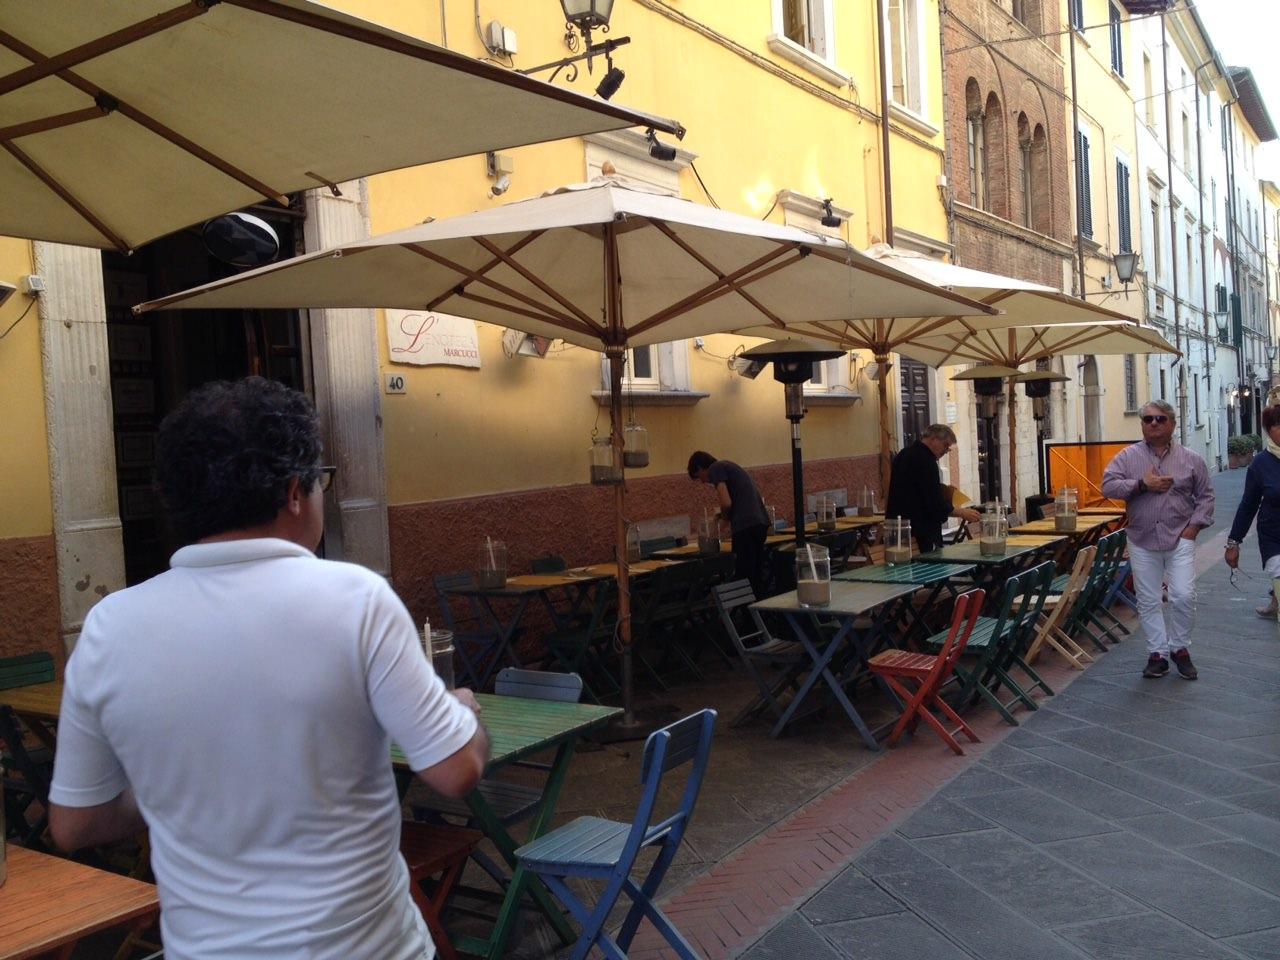 Dehors in inverno, il centro storico di Pietrasanta cambia volto